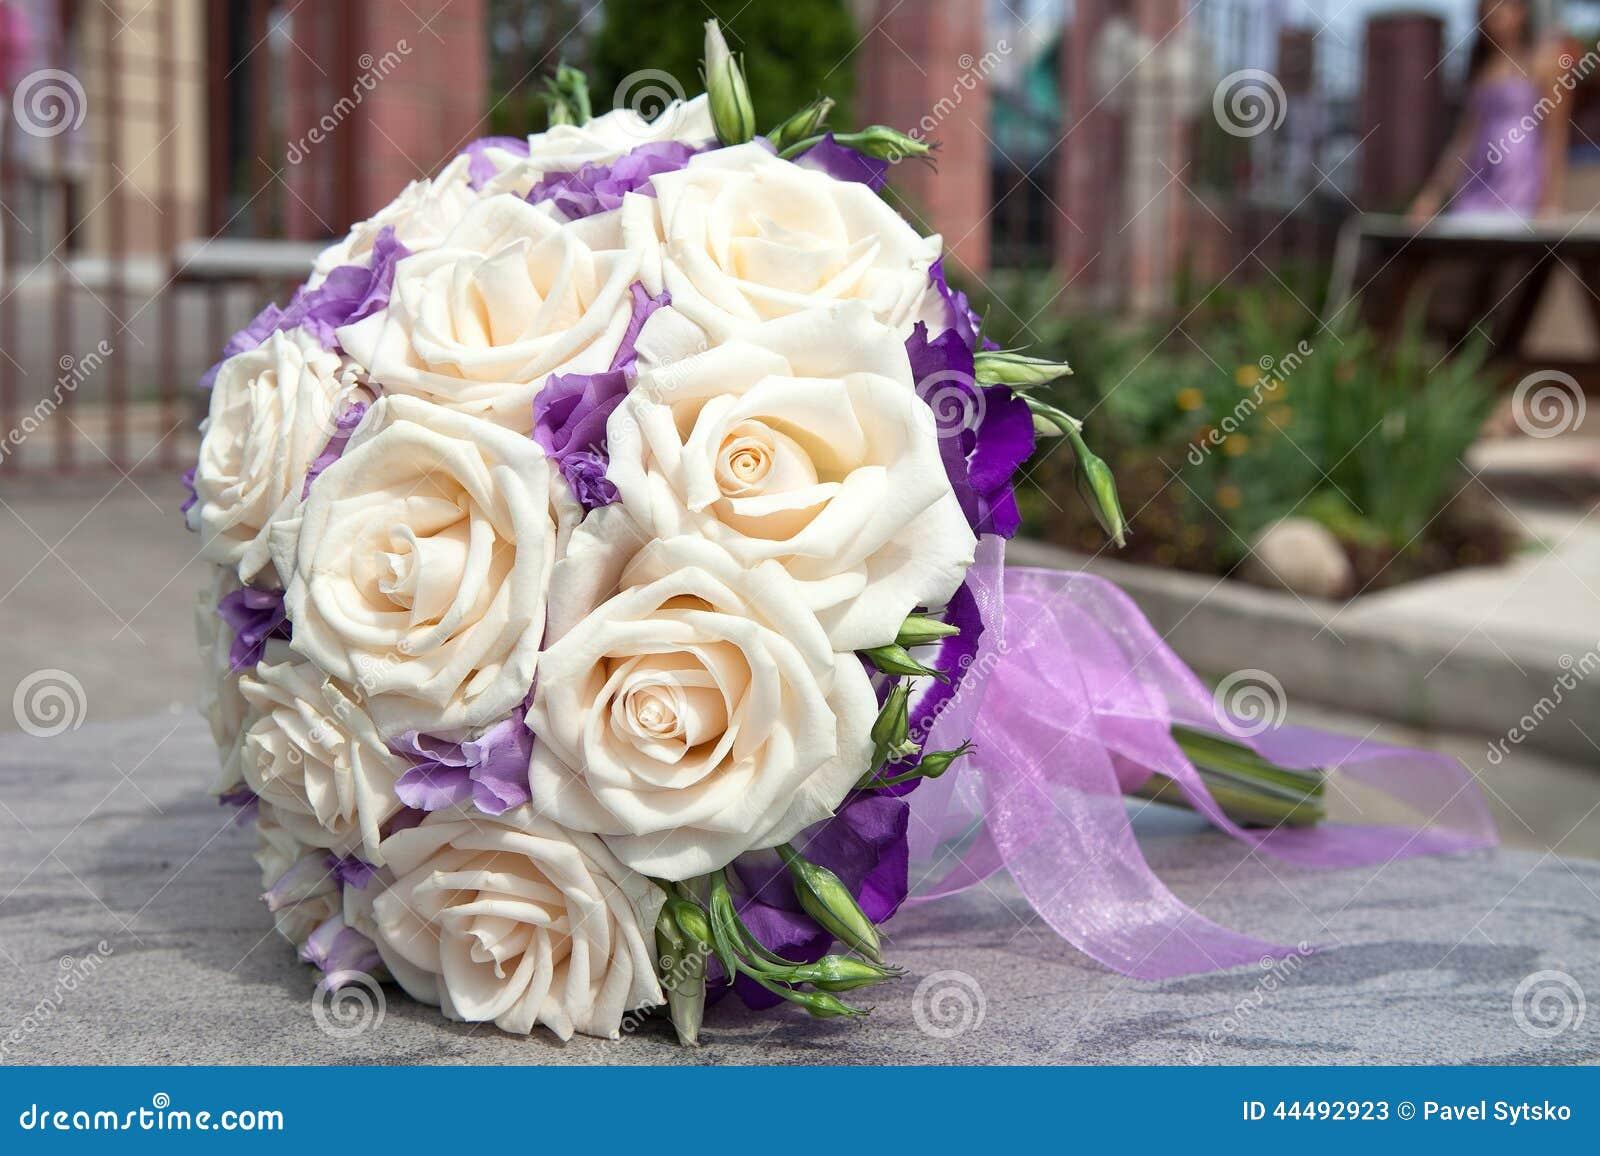 bouquet des fleurs fra ches pour la c r monie de mariage. Black Bedroom Furniture Sets. Home Design Ideas